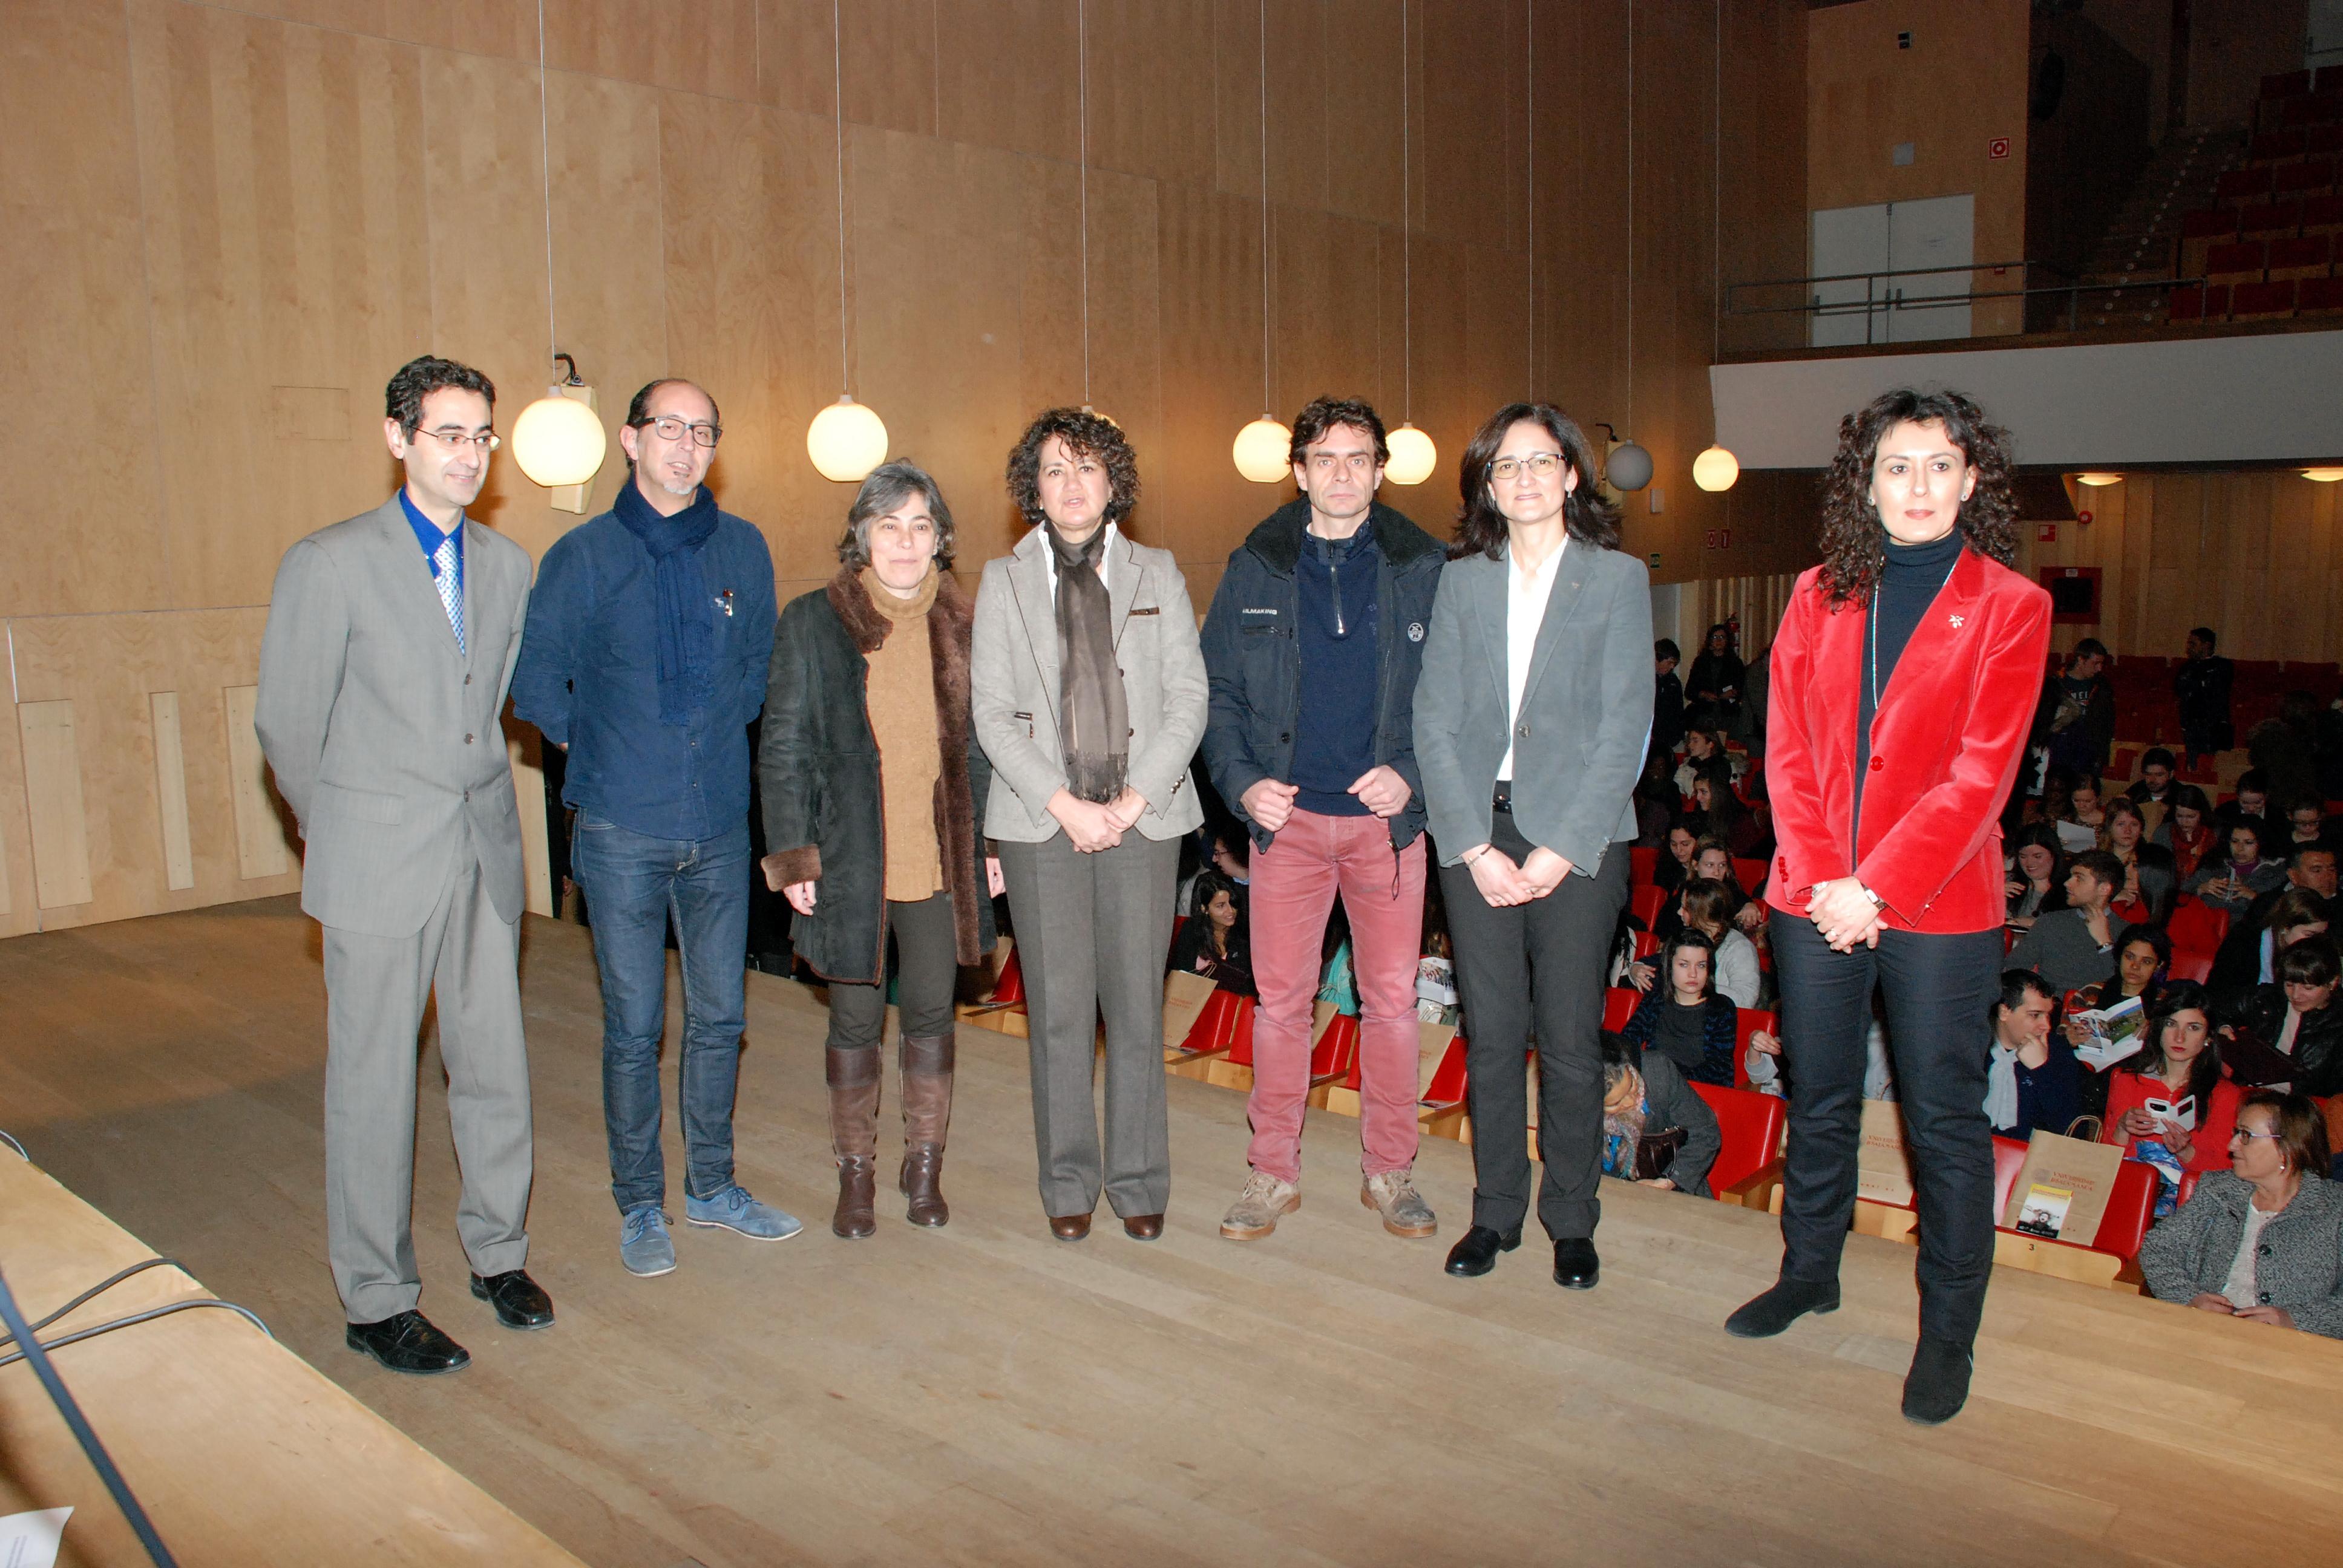 La Universidad de Salamanca da la bienvenida a los cerca de 300 estudiantes extranjeros de los programas de movilidad